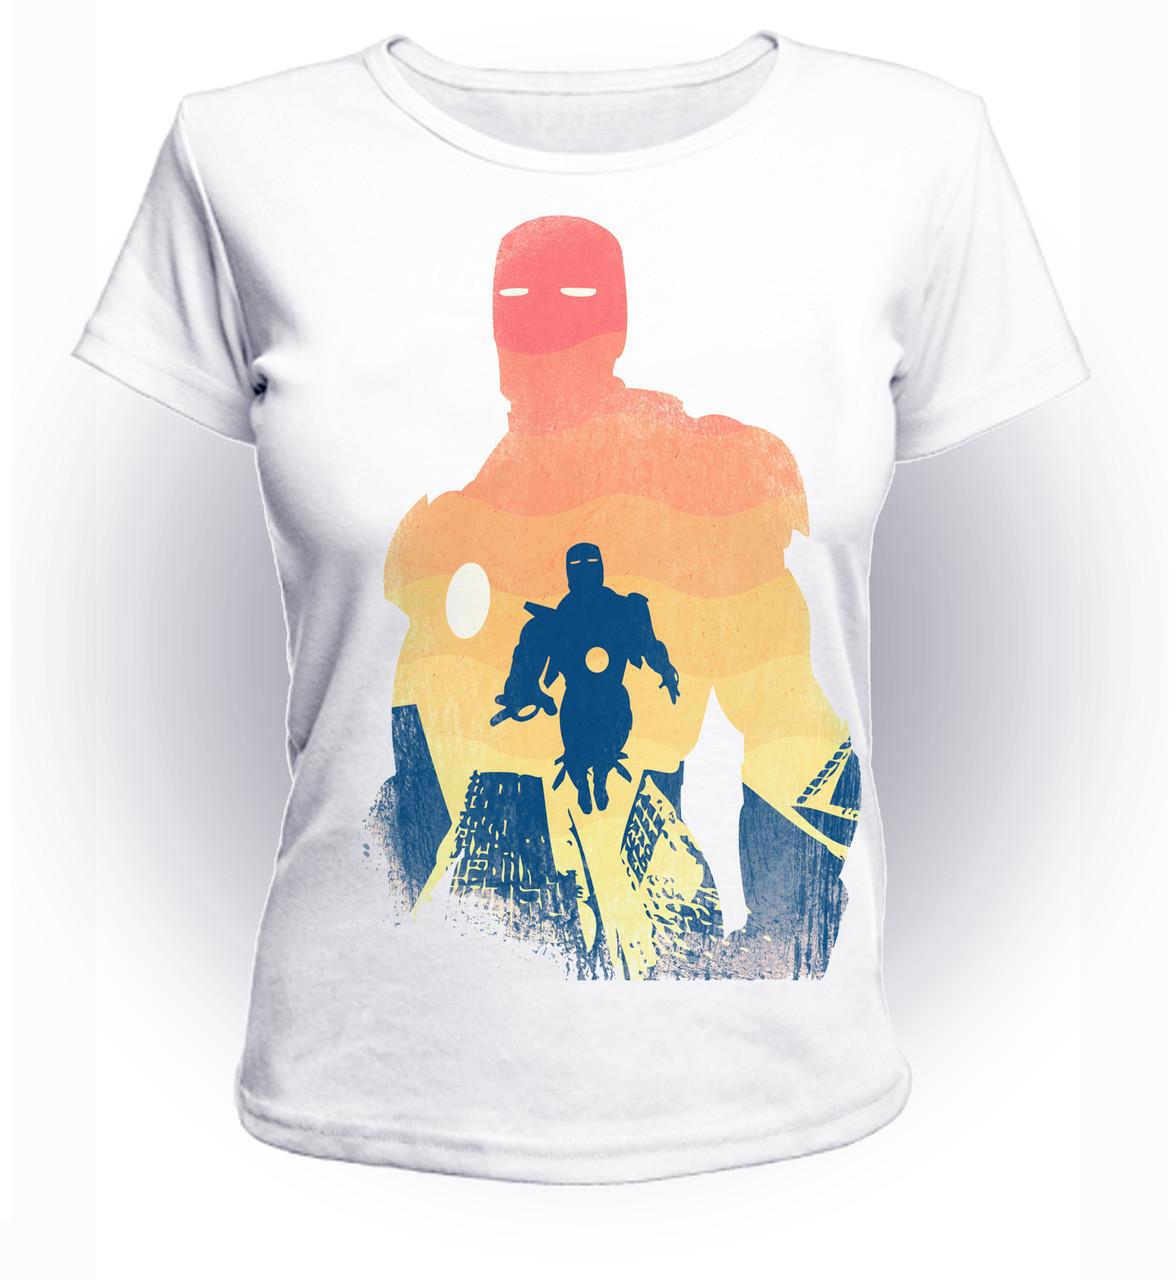 Футболка женская GeekLand Железный Человек Iron Man Альтер Эго миллиардера art IM.01.054